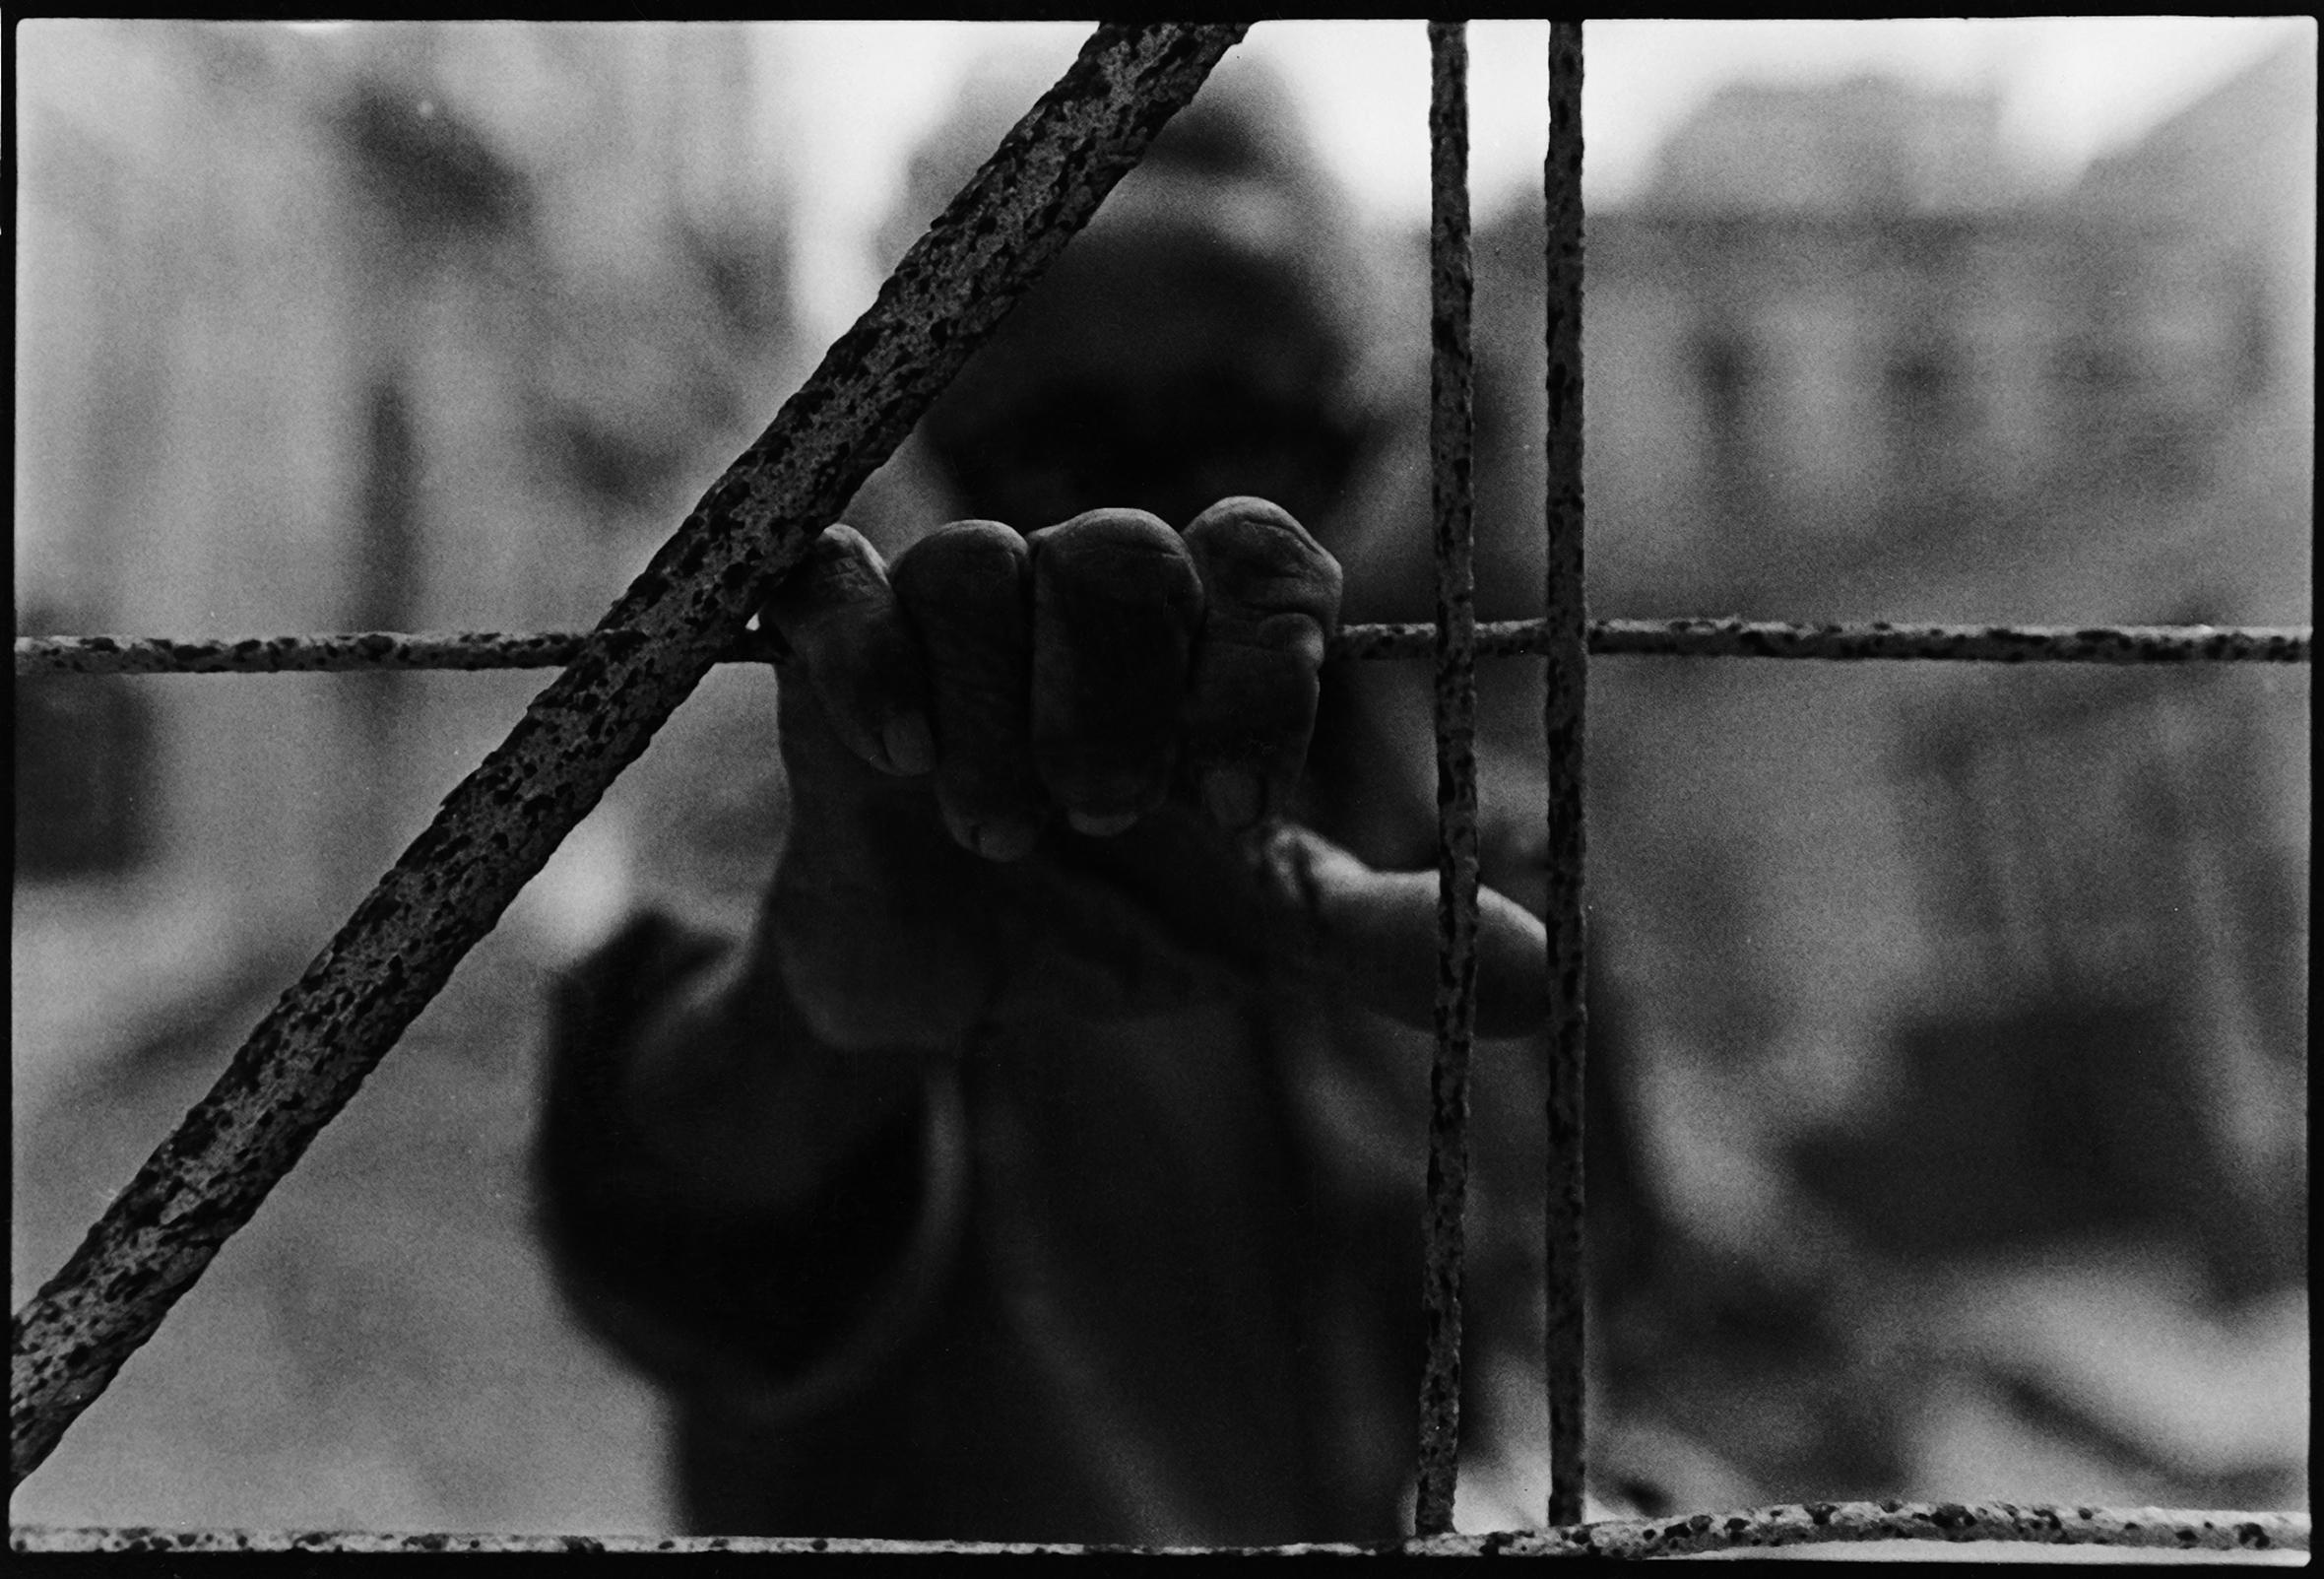 349 - Beitler - Annan